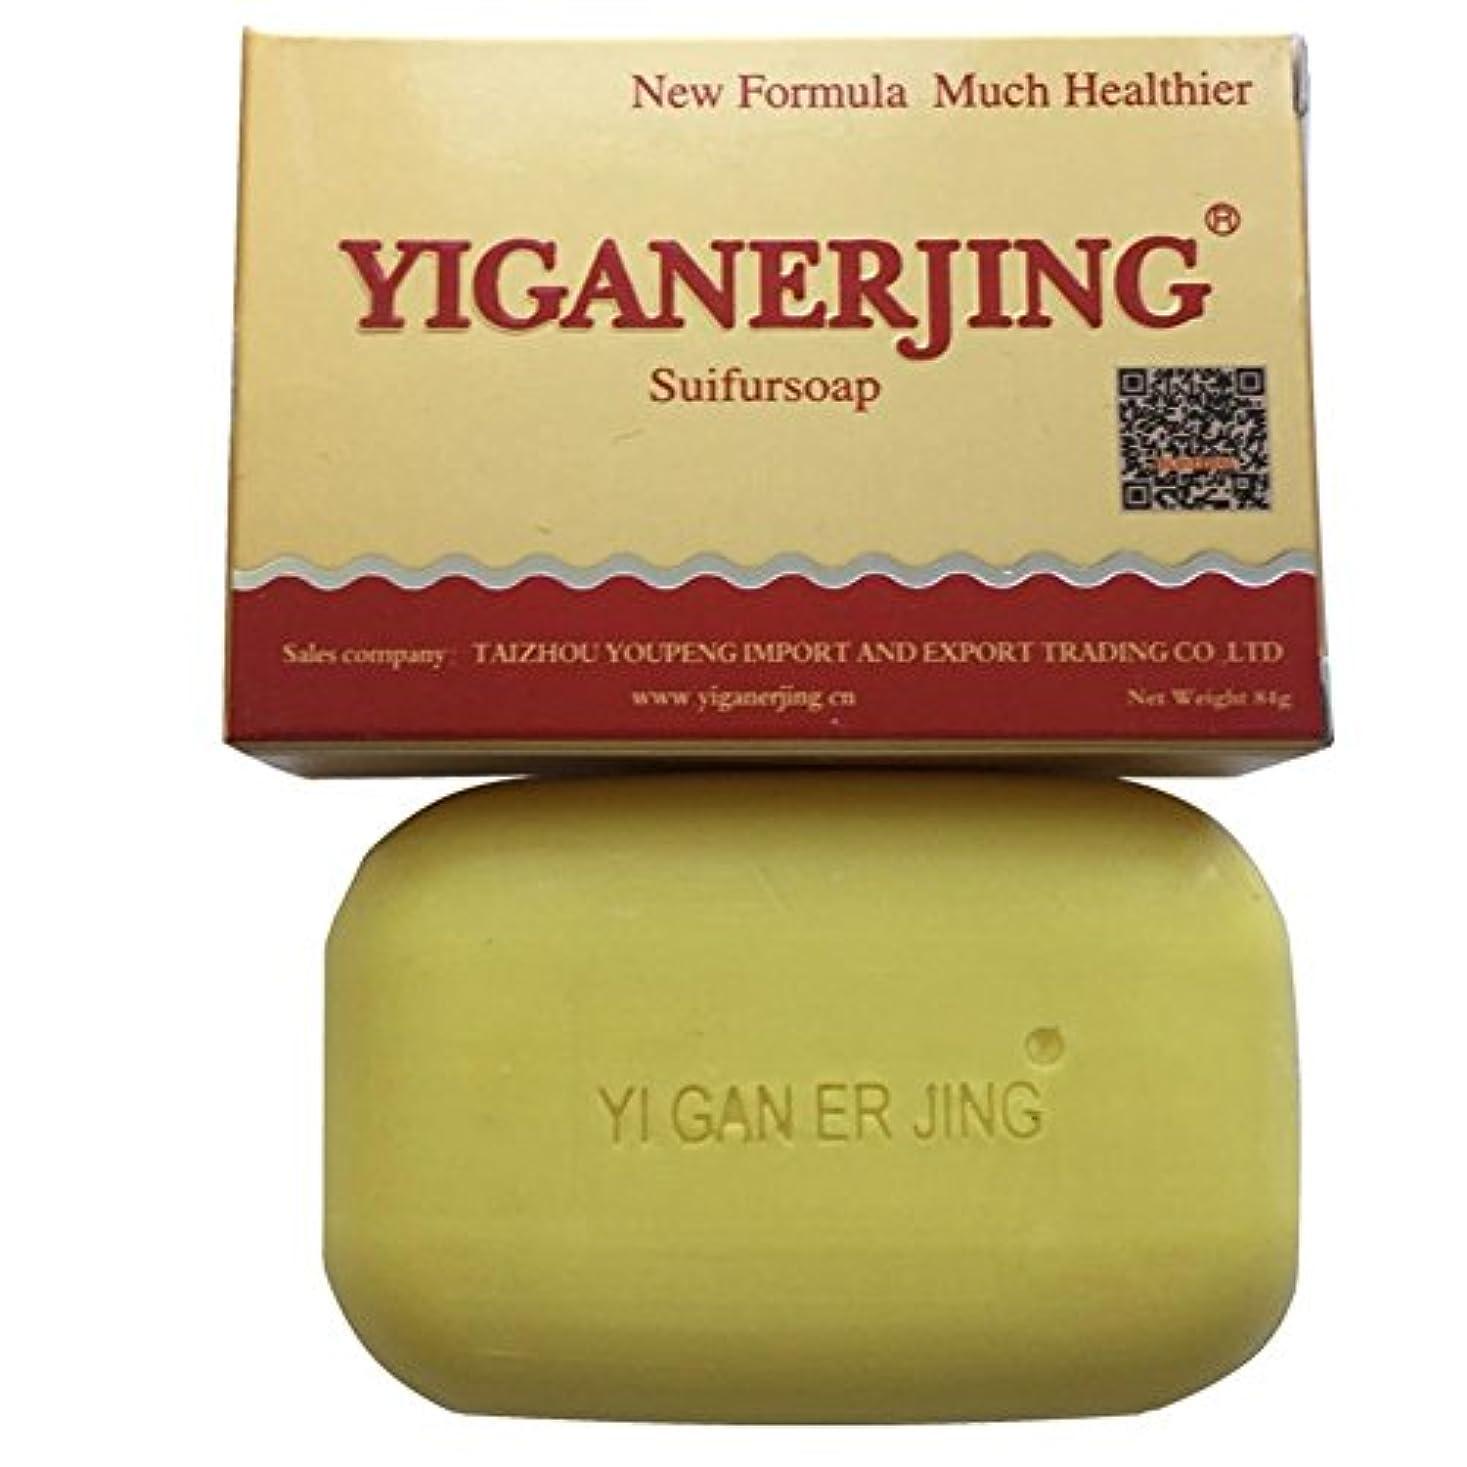 一方、サラミ燃やす洗颜石鹸 顔ダニ対策 硫黄石鹸 肌の状態を改善する 抗真菌バス美白石けんシャンプー石鹸 洗颜用品 90g